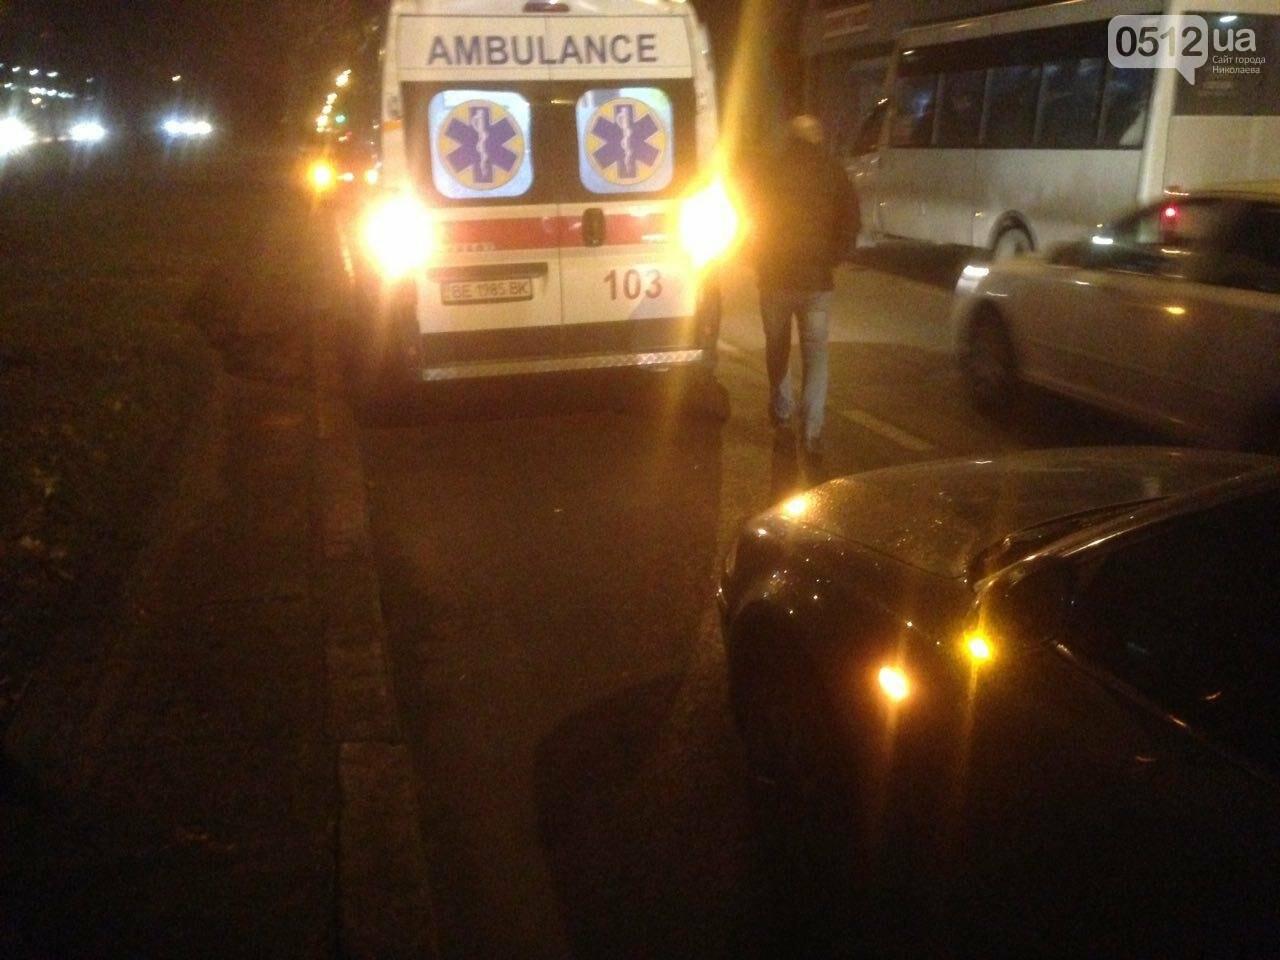 В центре Николаева пьяный военный попал под колеса Volkswagen - его госпитализировали, - ФОТО,ВИДЕО, фото-1